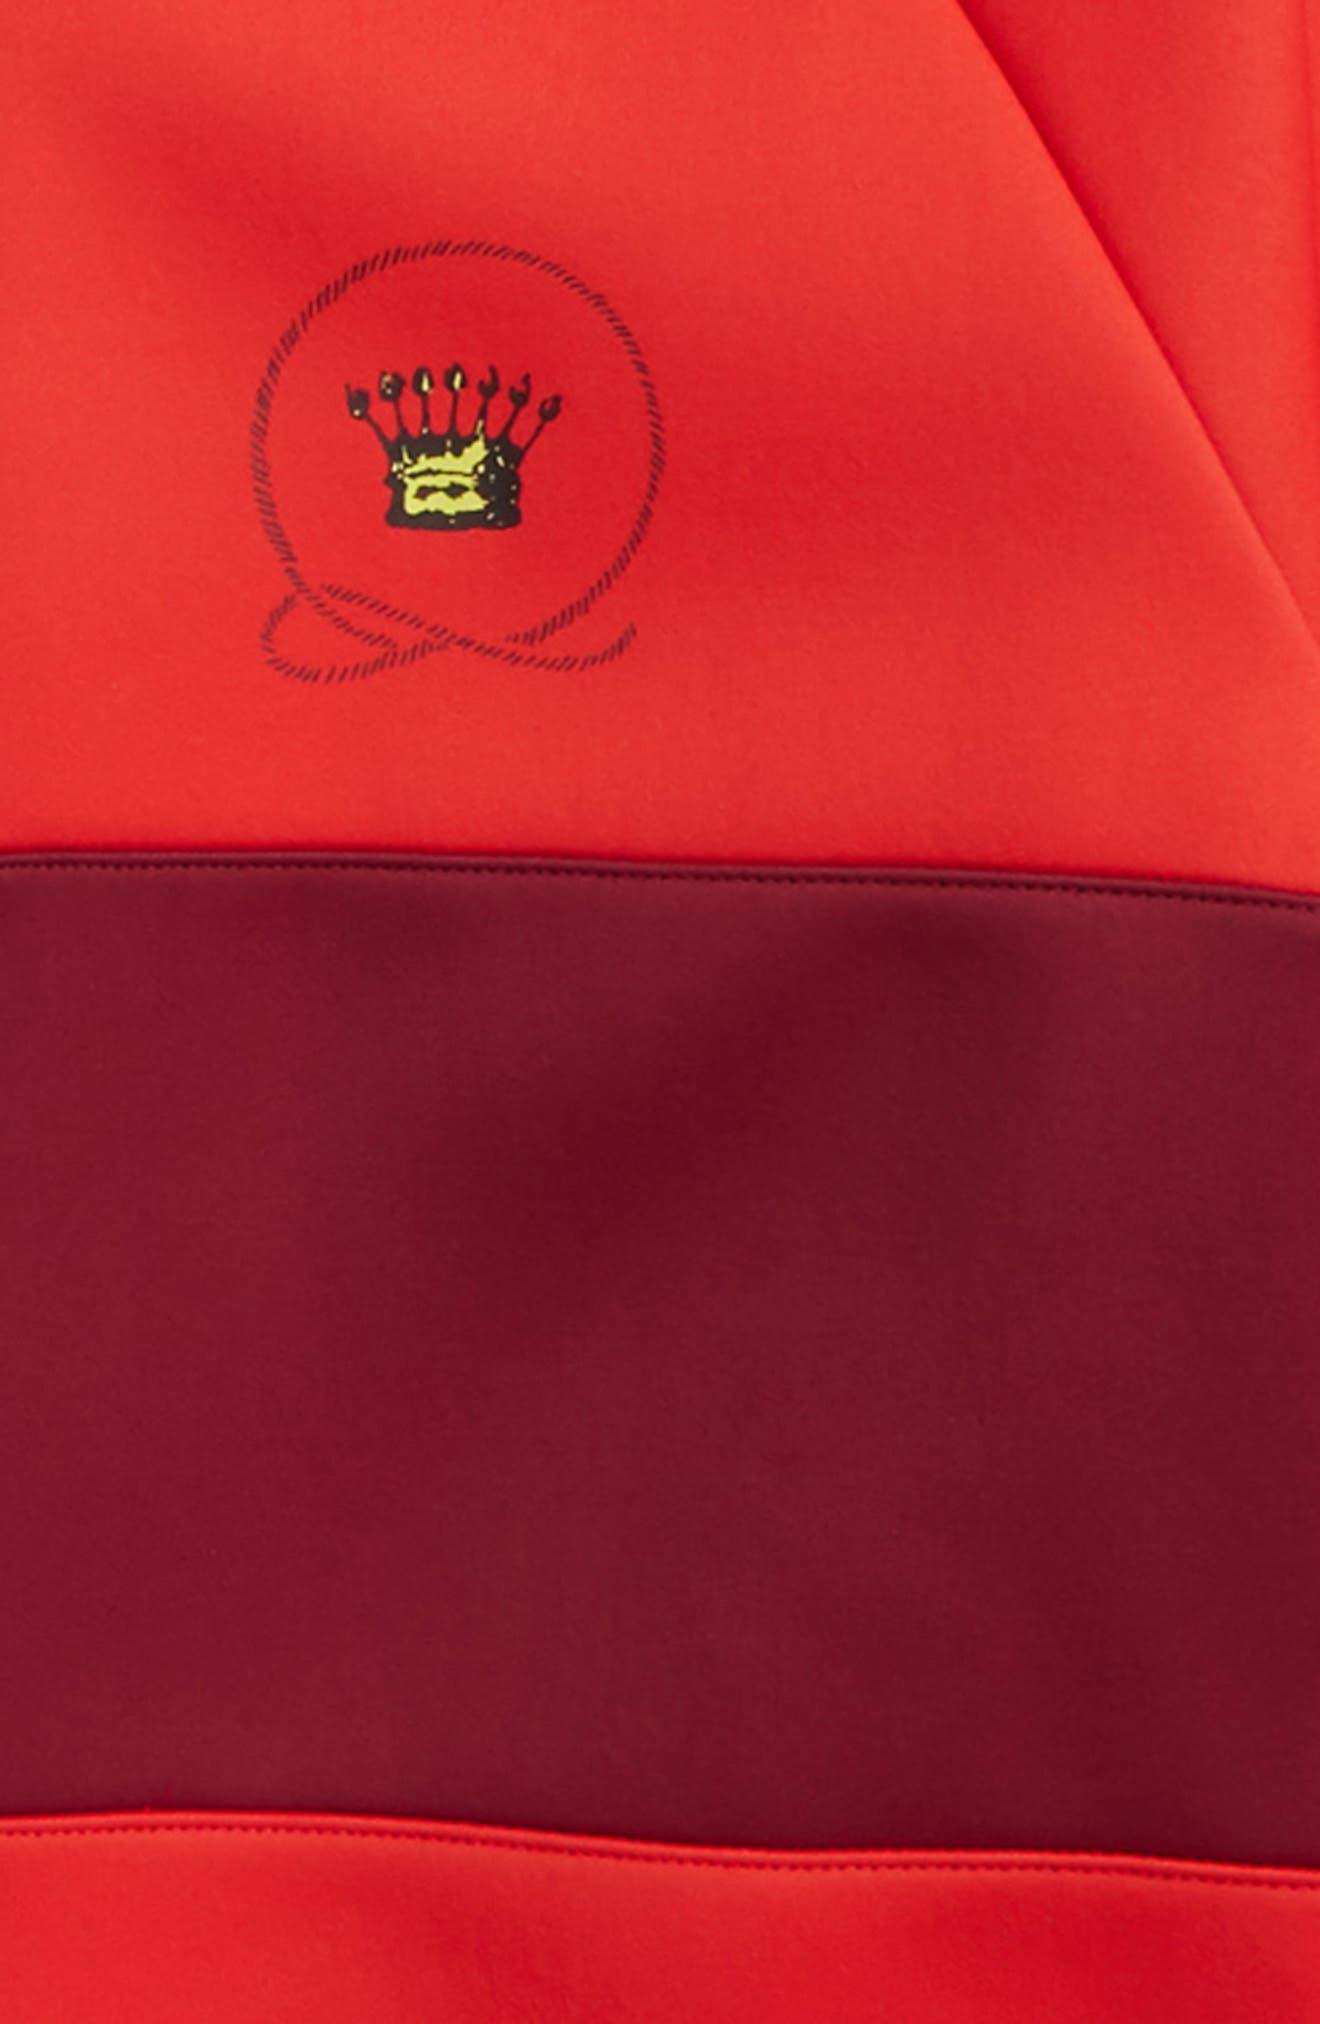 Berni Logo Track Jacket,                             Alternate thumbnail 2, color,                             Bright Red